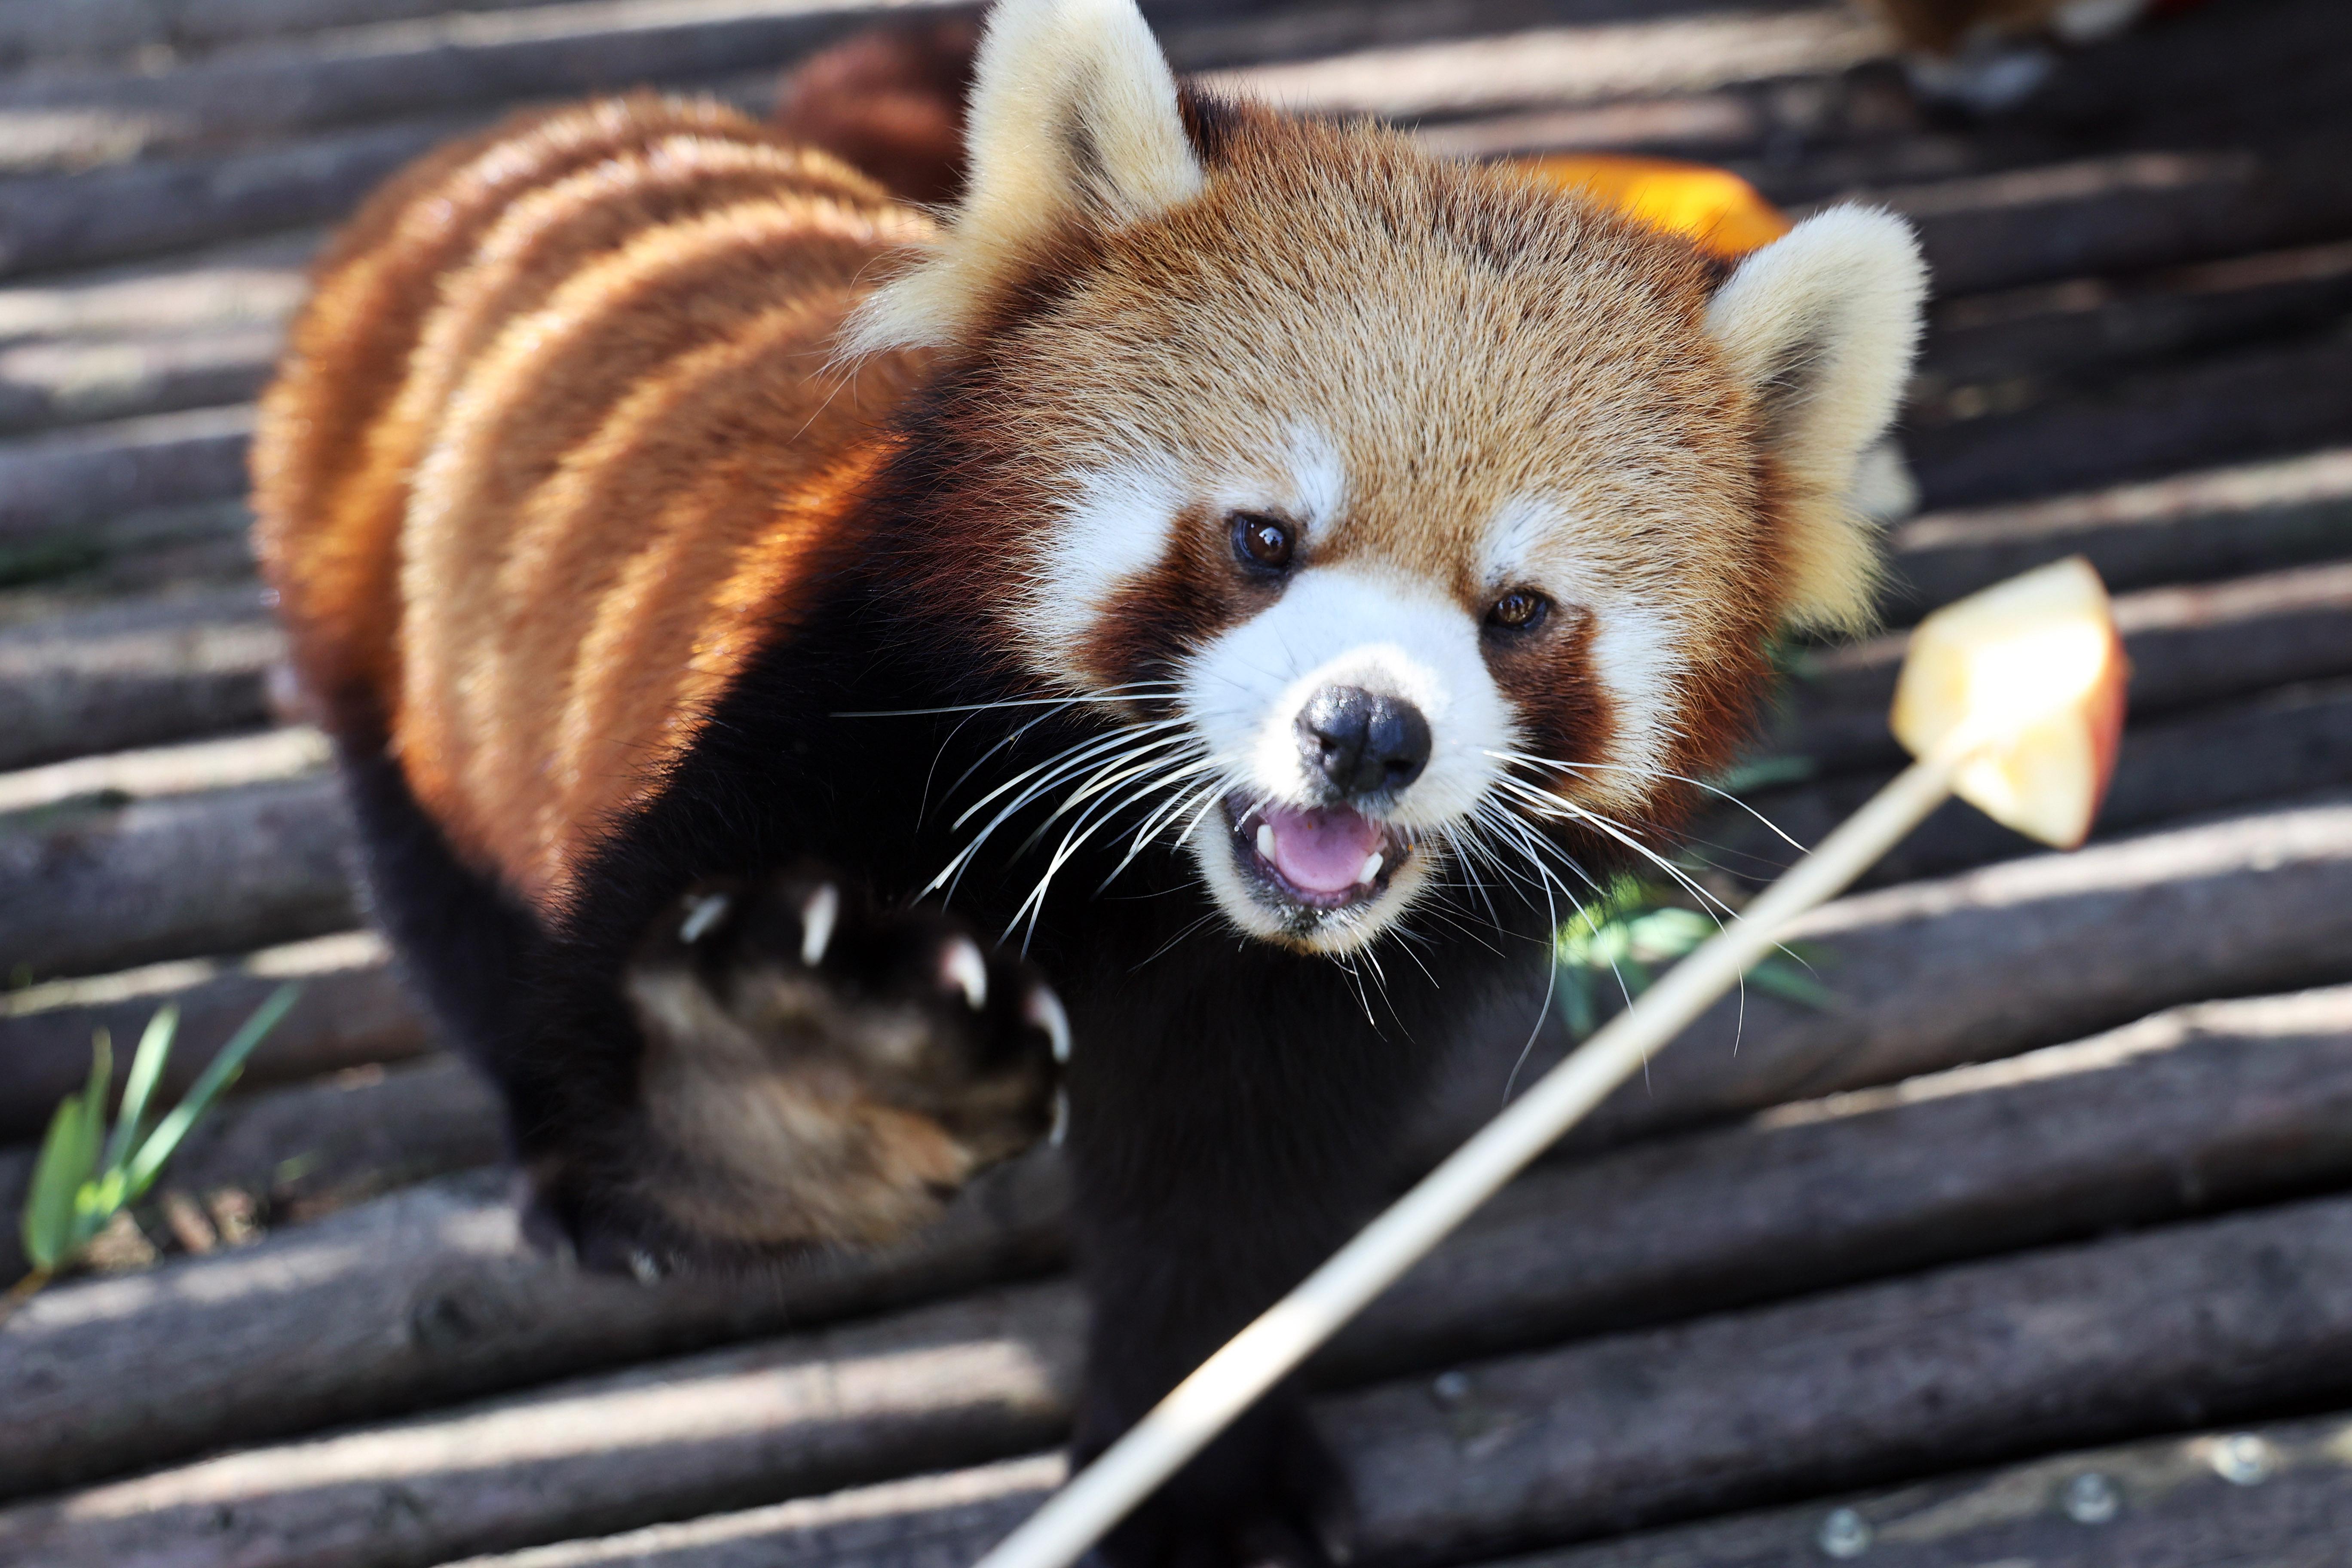 International Red Panda Day Marked In Nantong